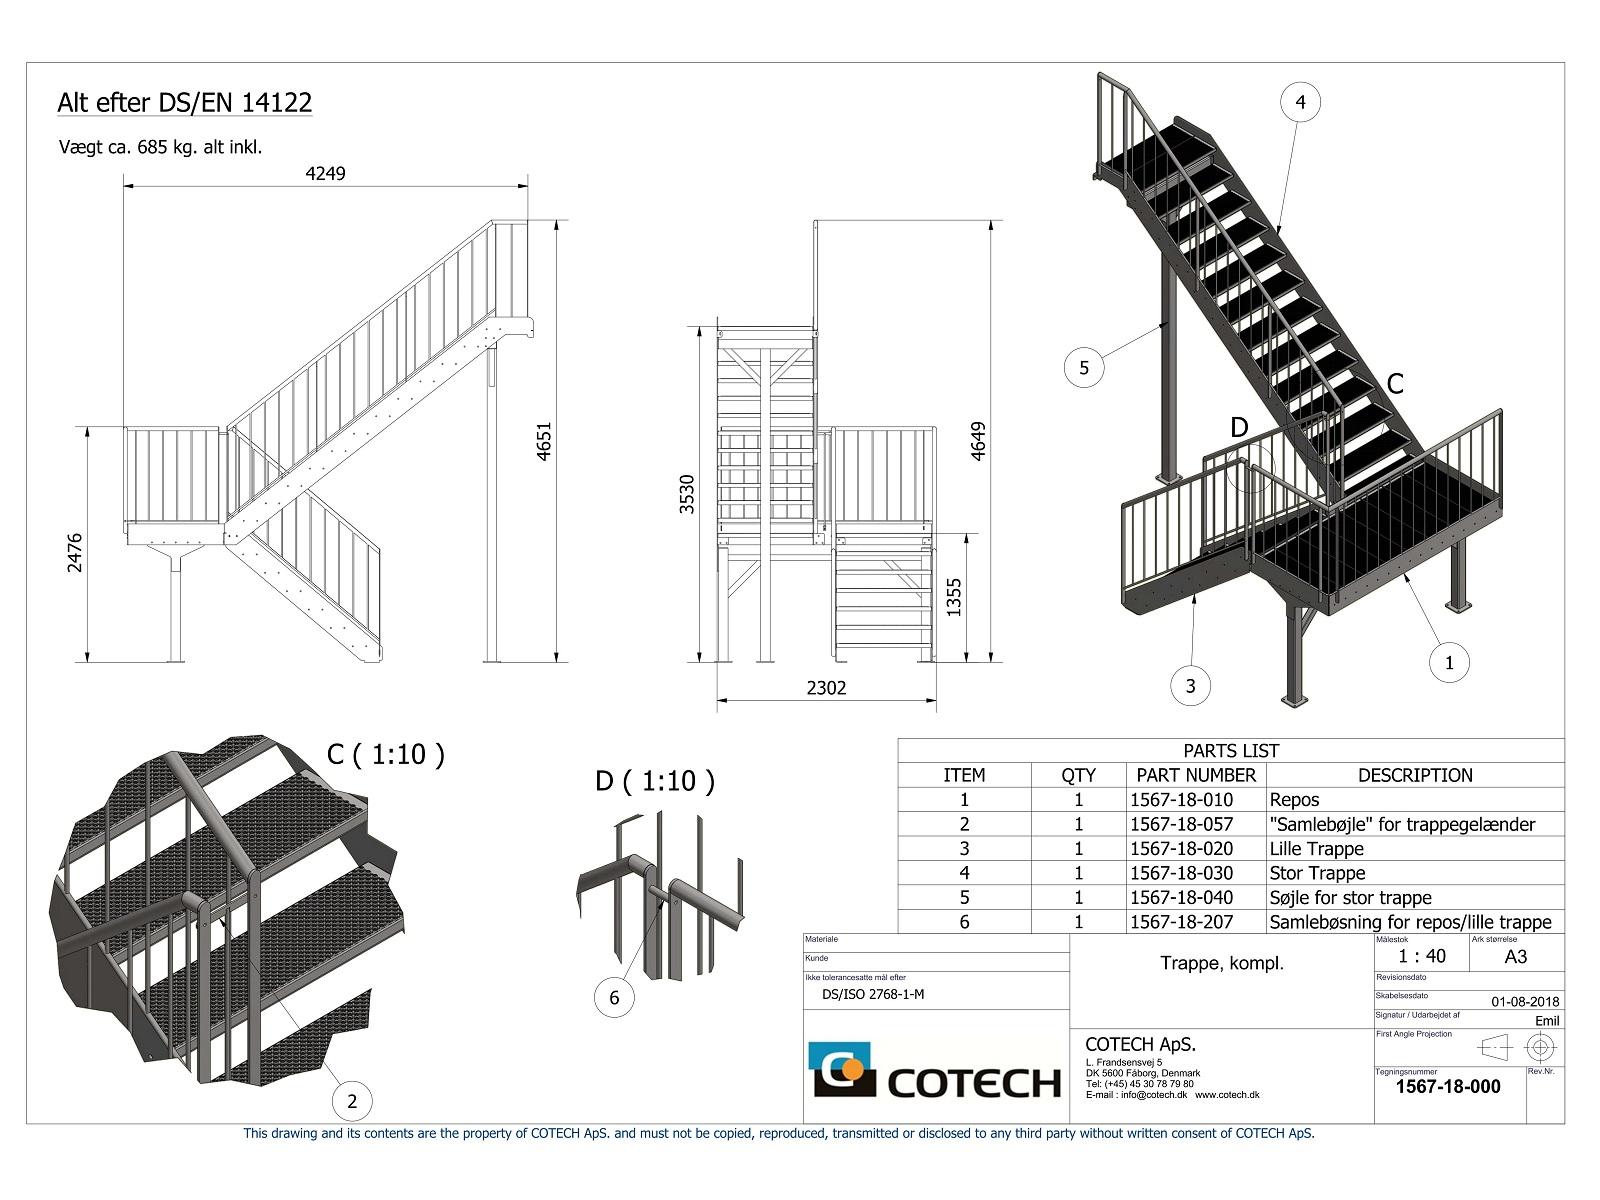 Tegning af trappe til byggeri